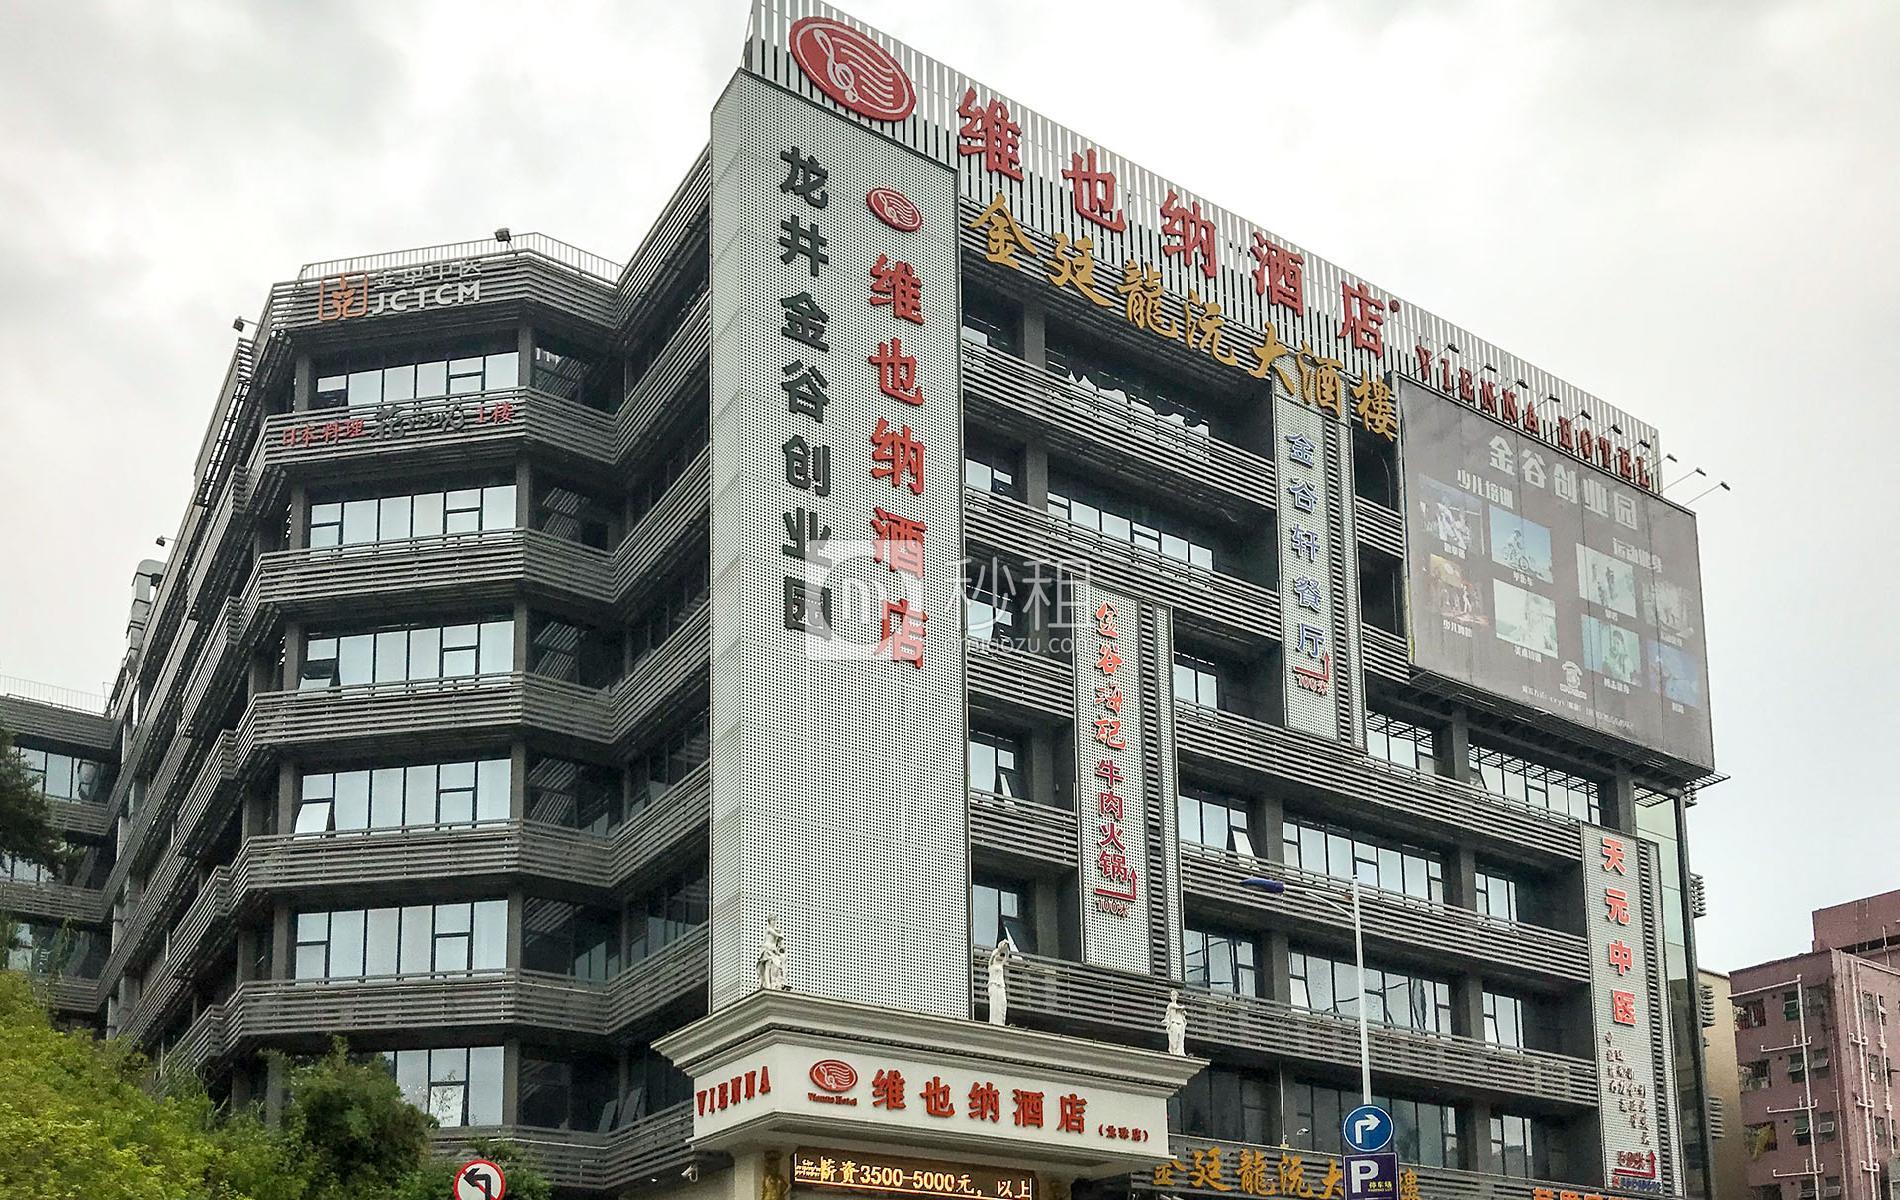 金谷创业园写字楼出租/招租/租赁,金谷创业园办公室出租/招租/租赁